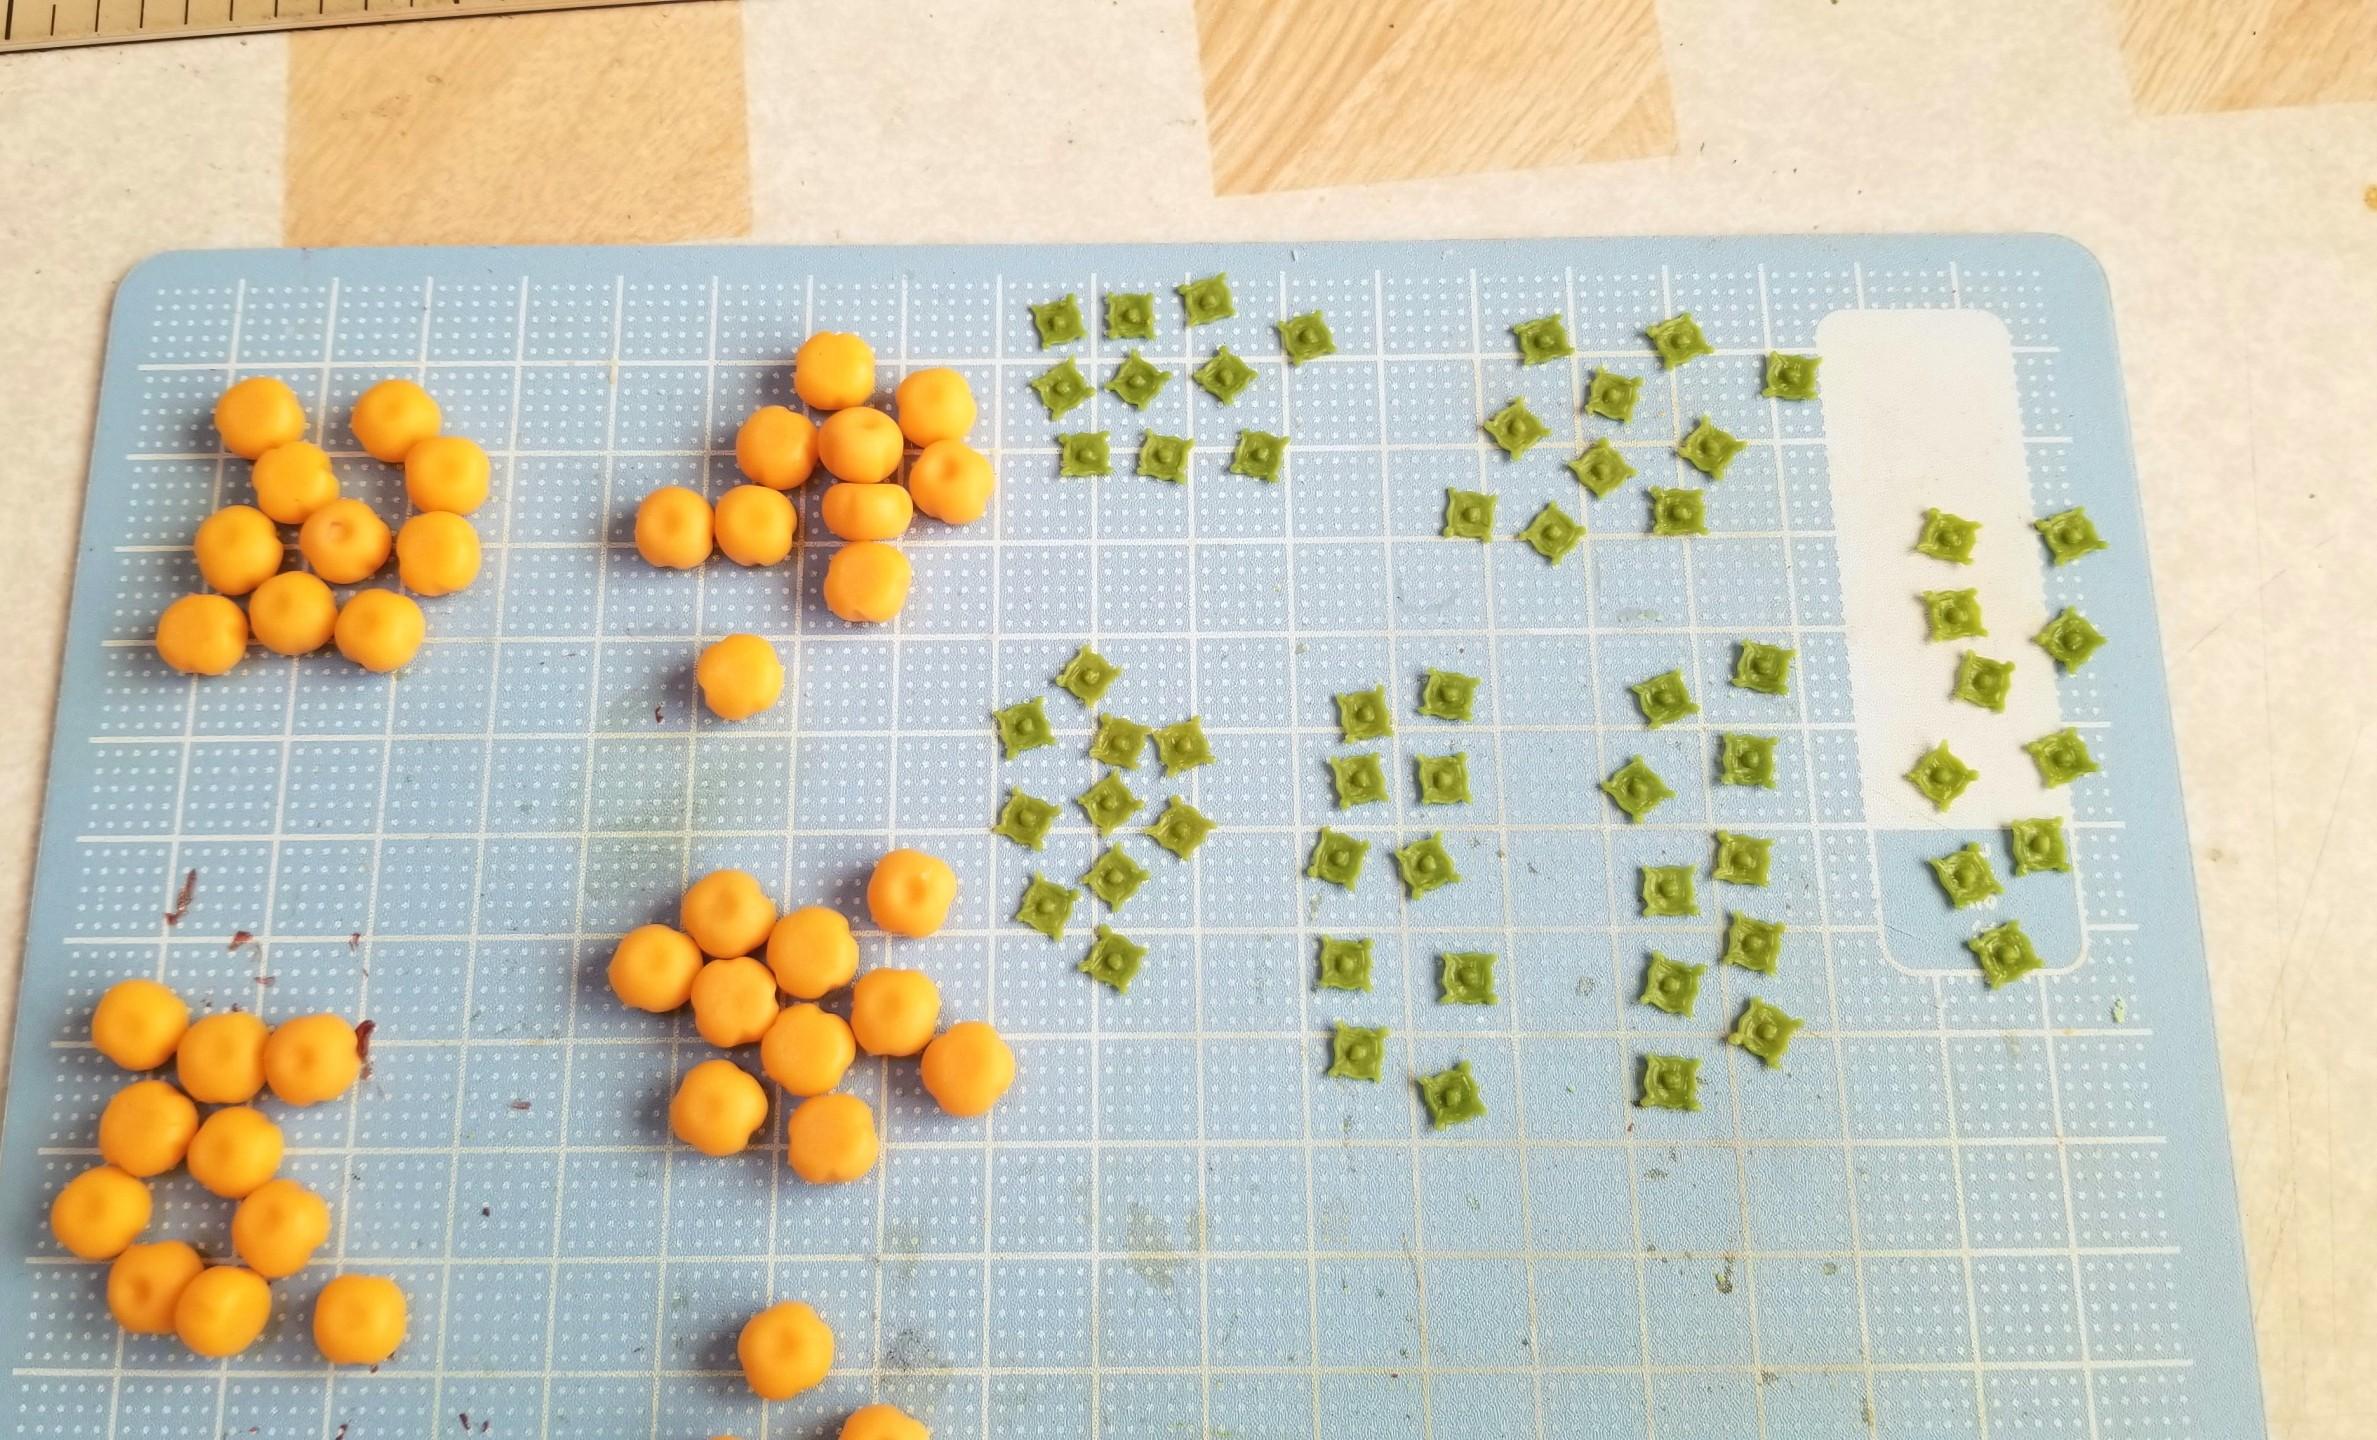 ミニチュアフード,和菓子,柿の葉っぱ,作り方,樹脂粘土,食品サンプル